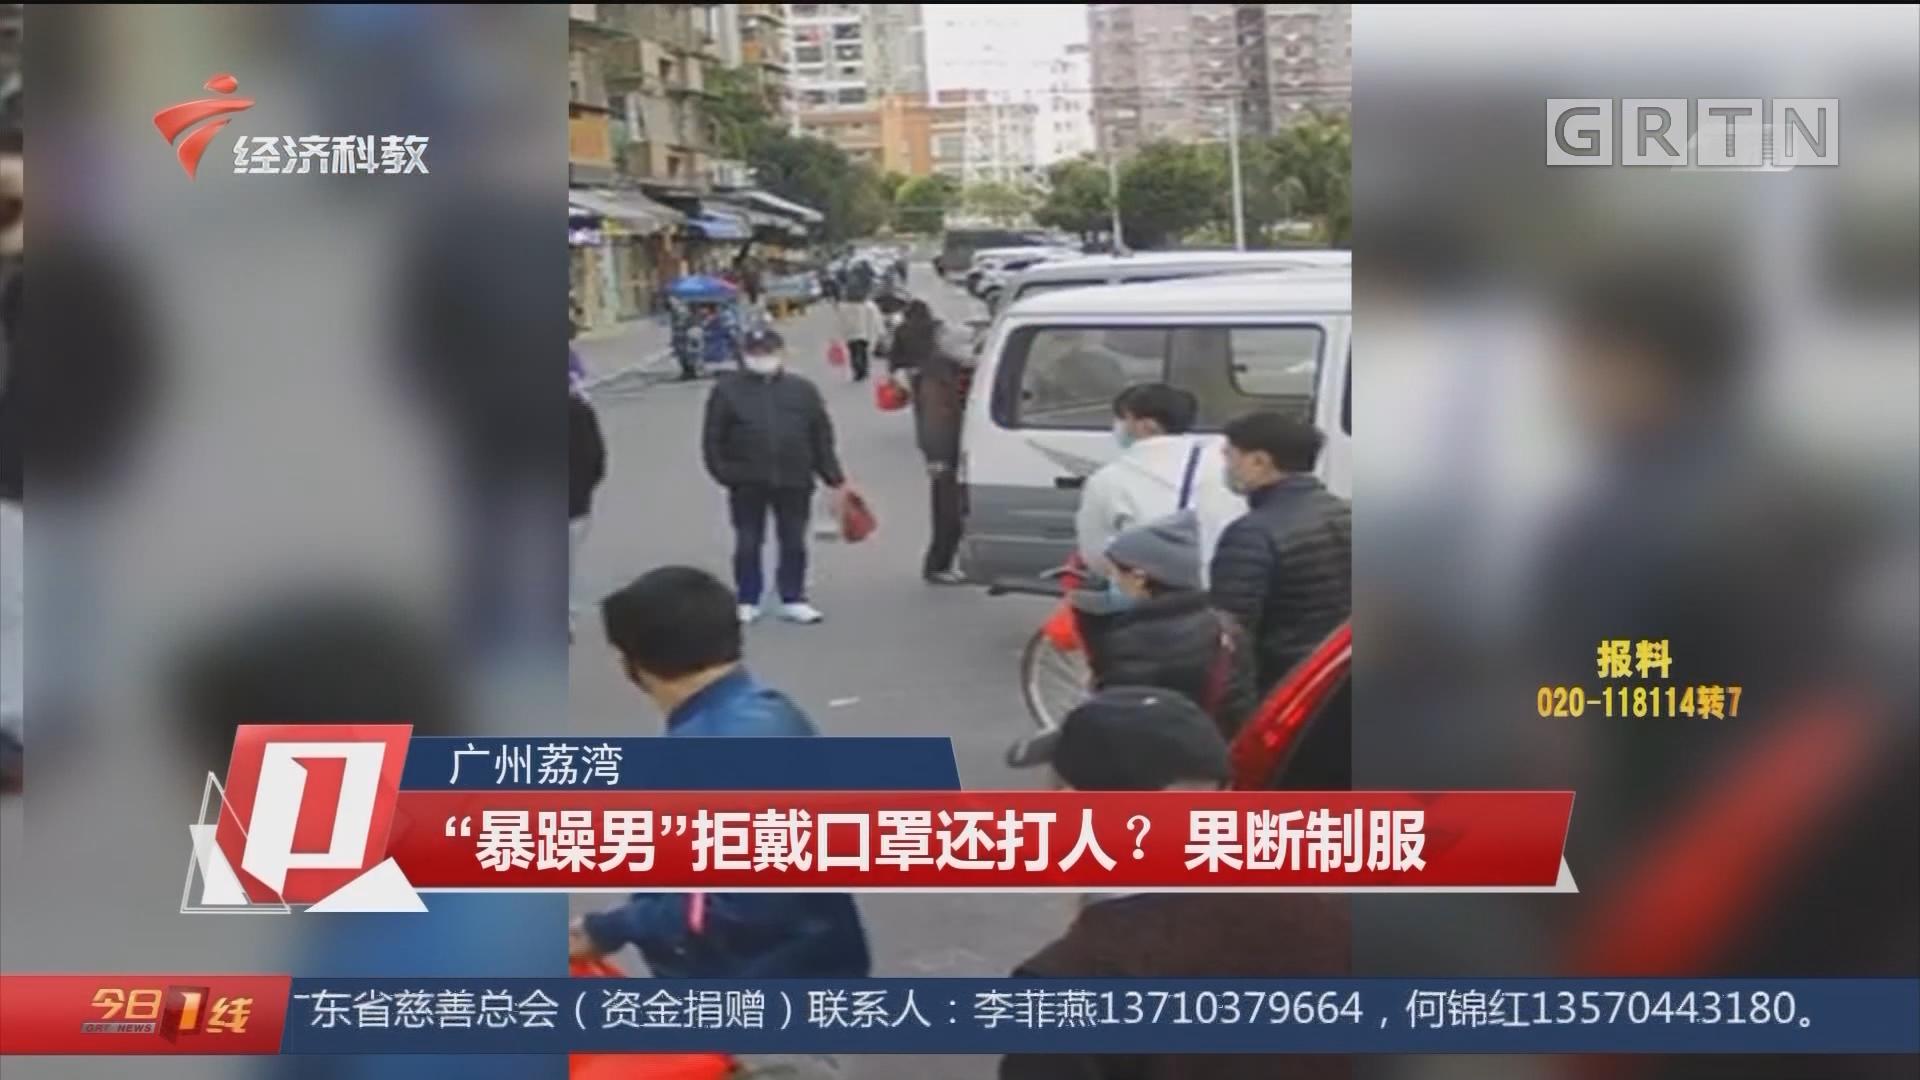 """广州荔湾 """"暴躁男""""拒戴口罩还打人? 果断制服"""